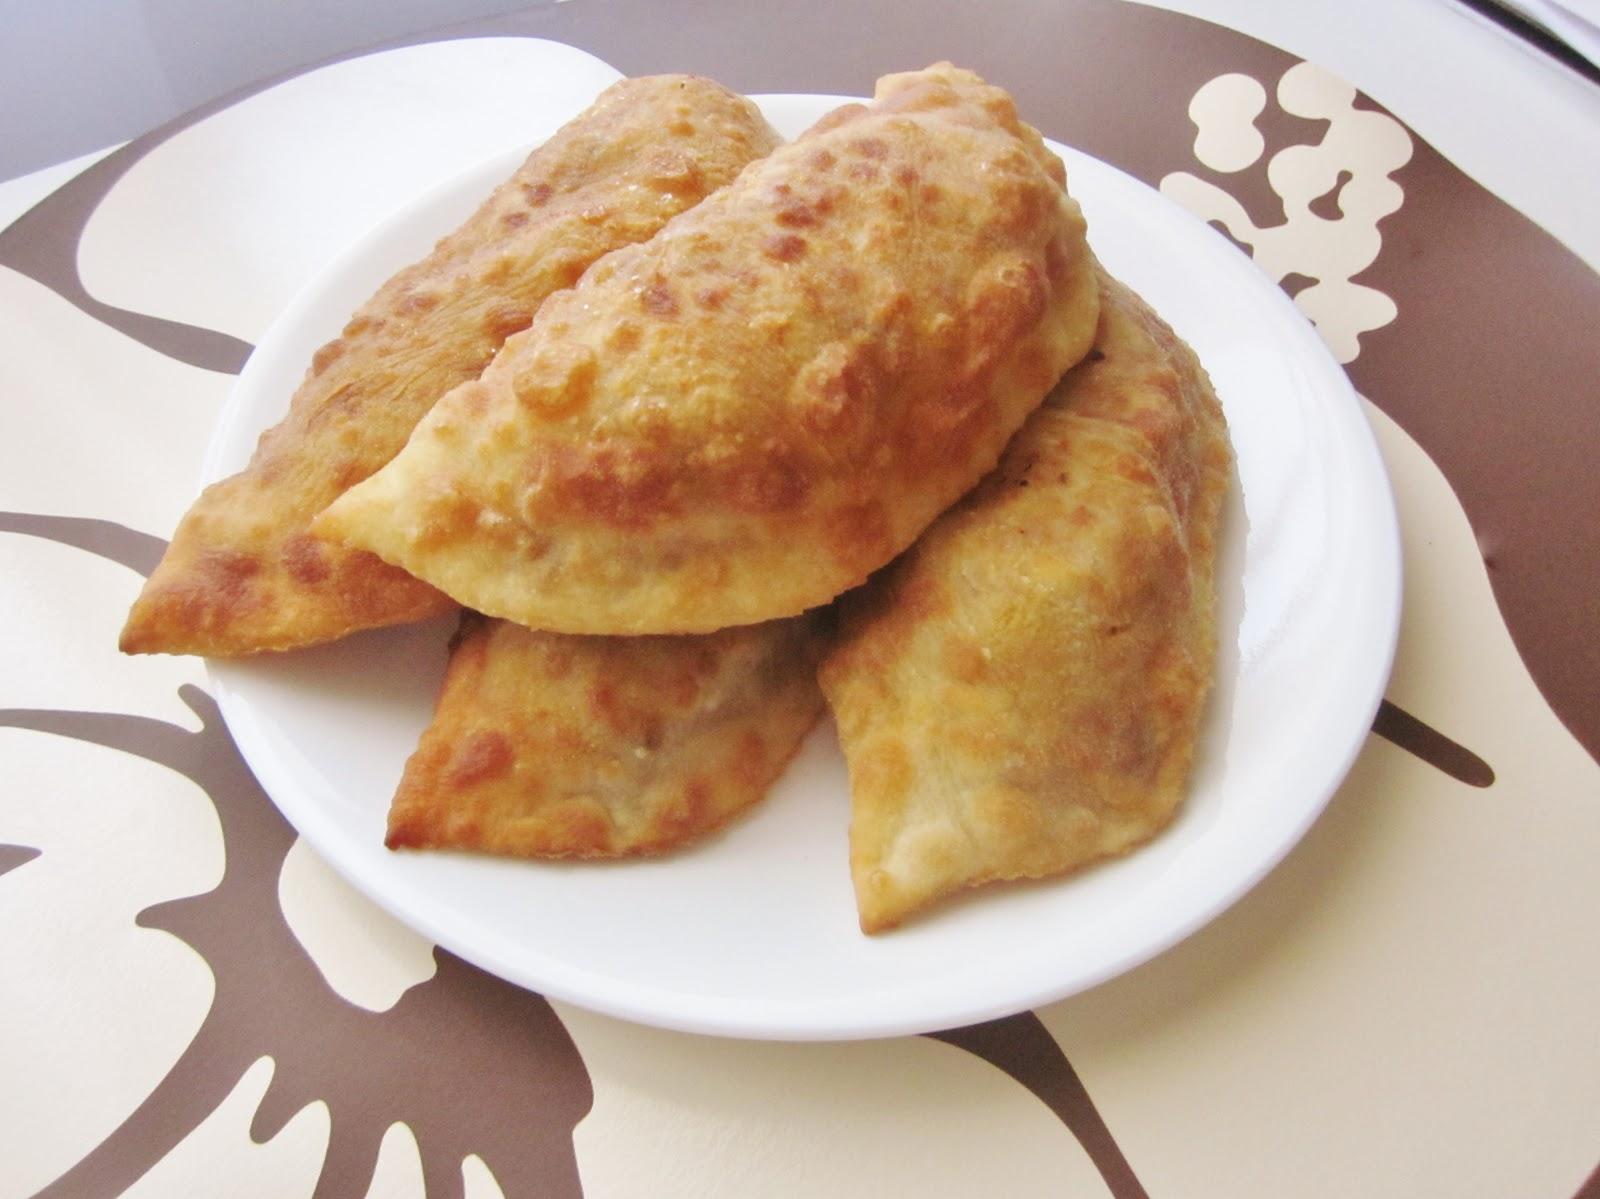 ermenistan semsek  türk yemekleri